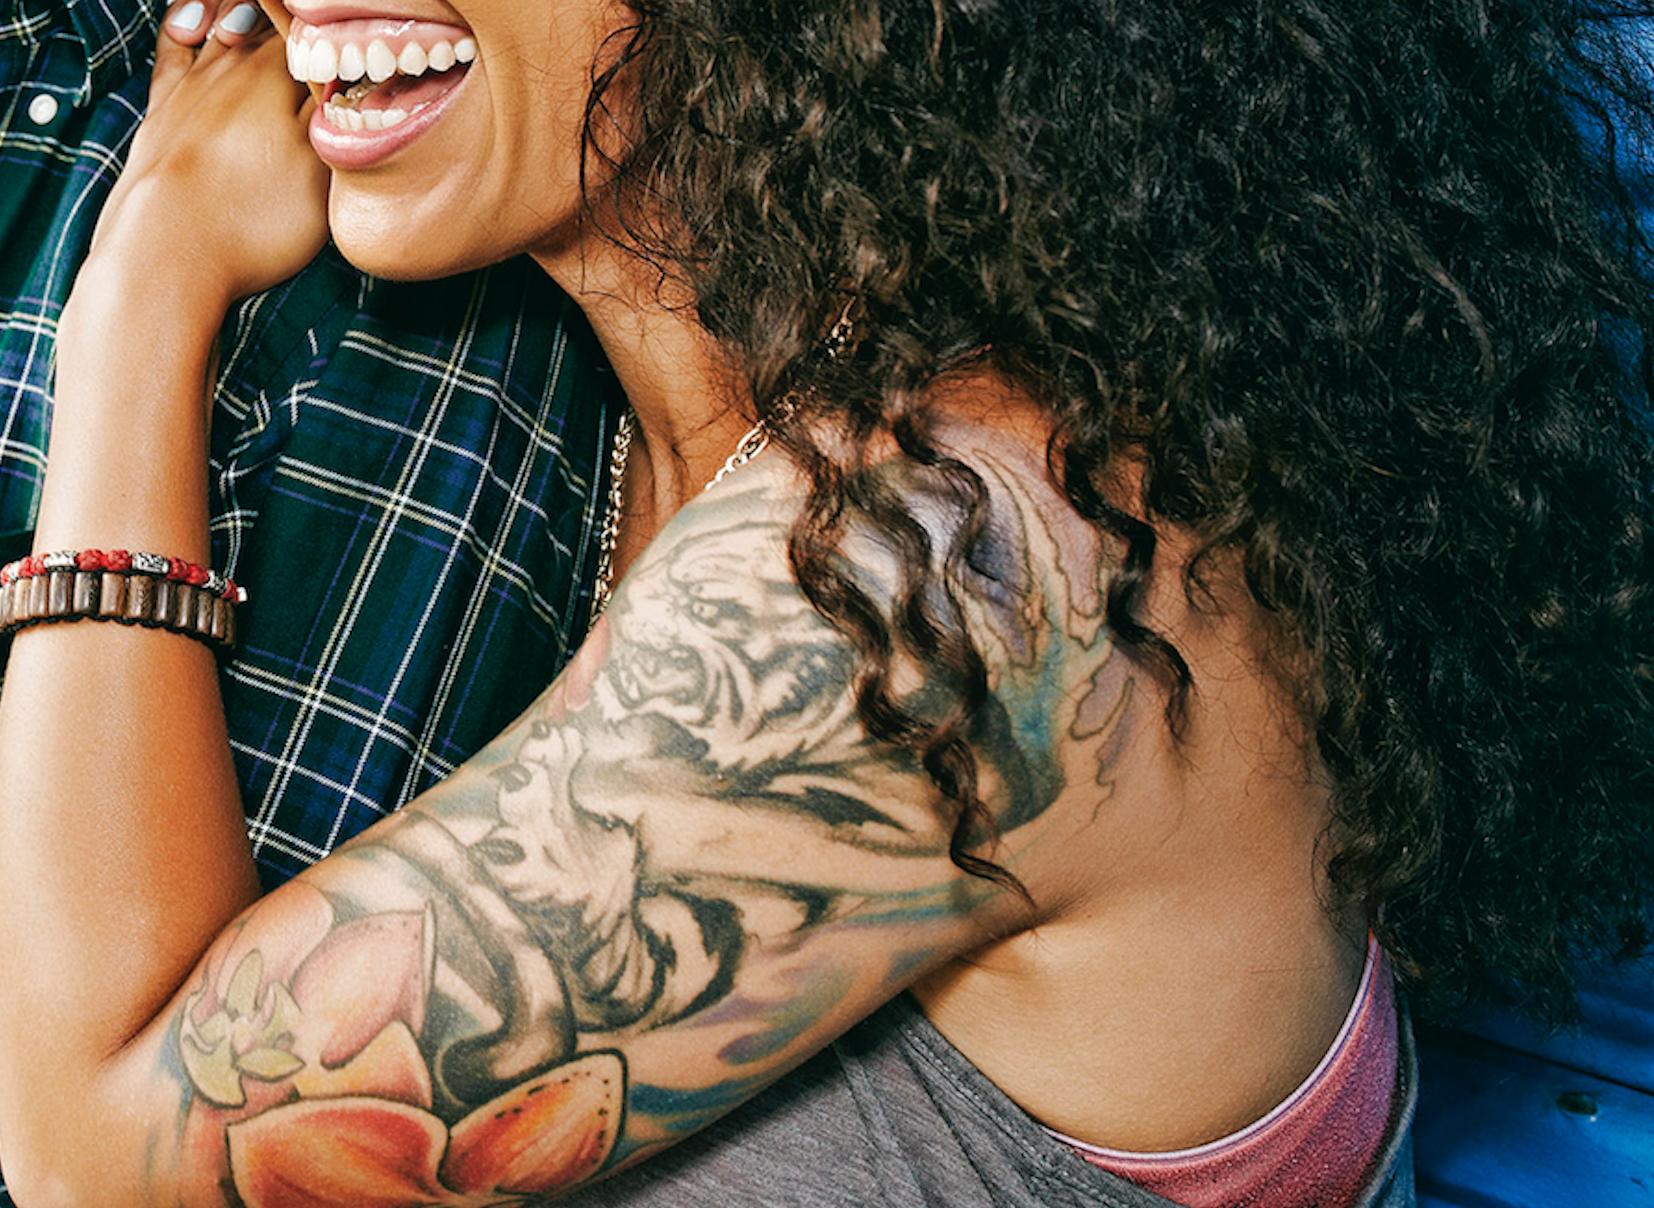 dope, diverse + inclusive. - we are a diverse, body positive, LGBTQIA inclusive brand.